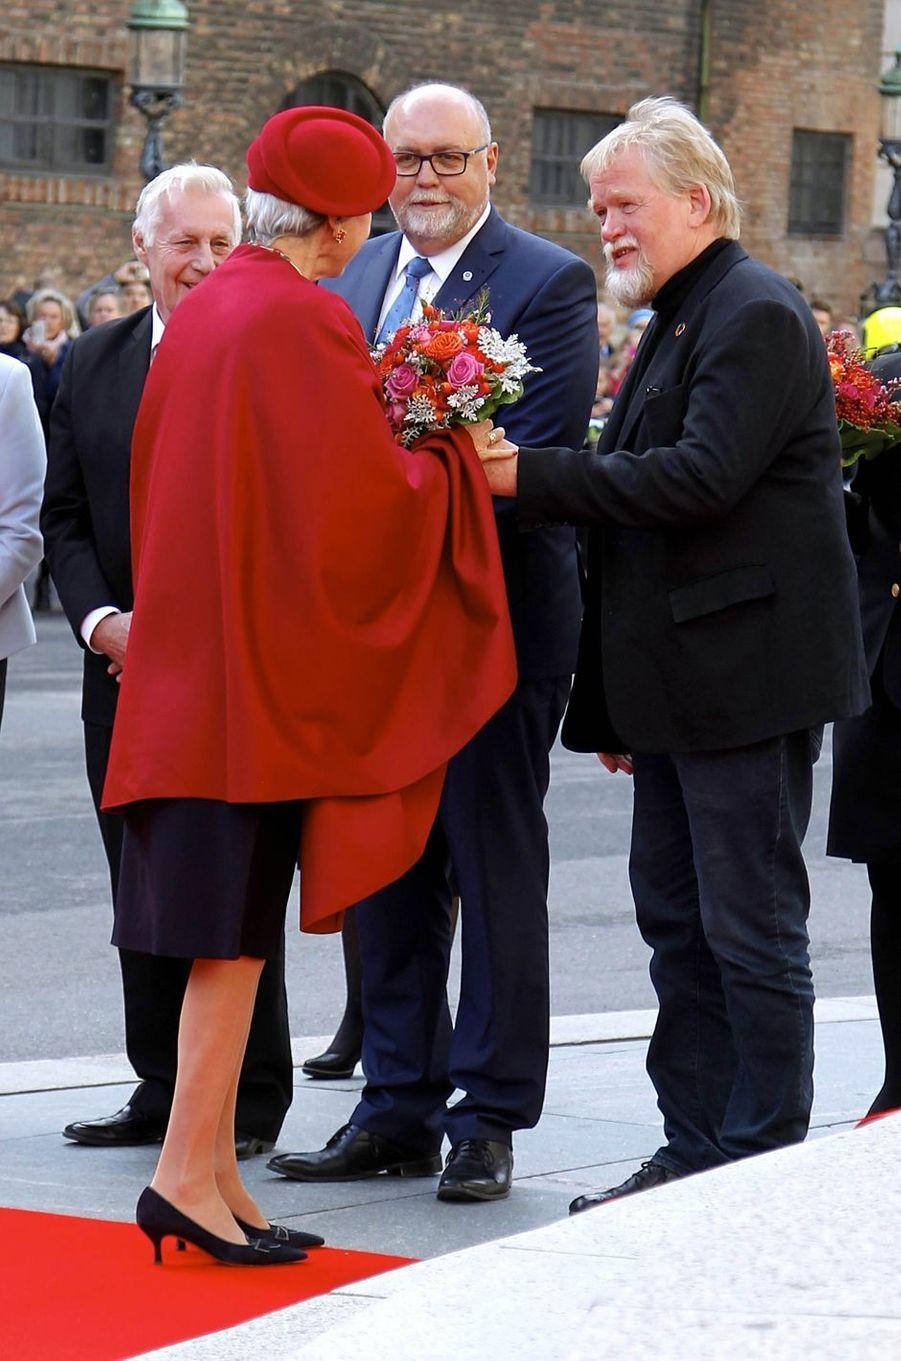 La princesse Benedikte de Danemark à Copenhague, le 3 octobre 2017